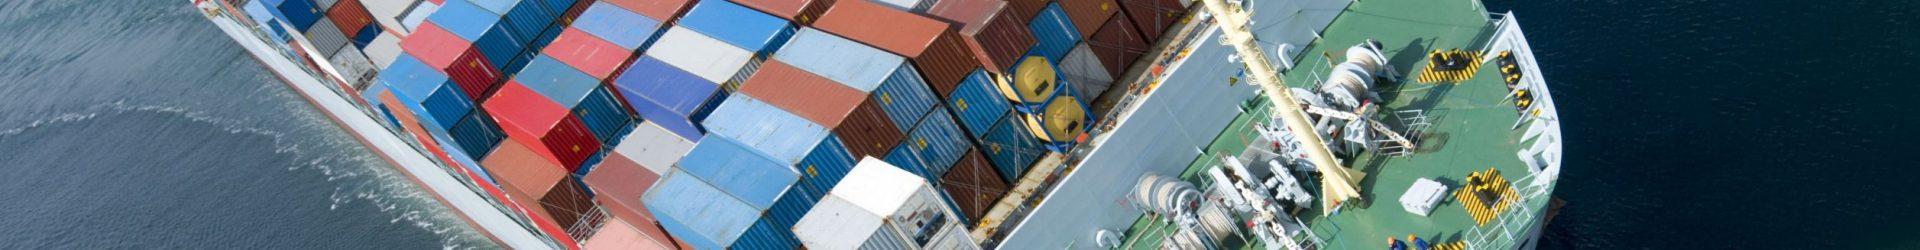 Gestión del mantenimiento: caso de éxito en el sector naval